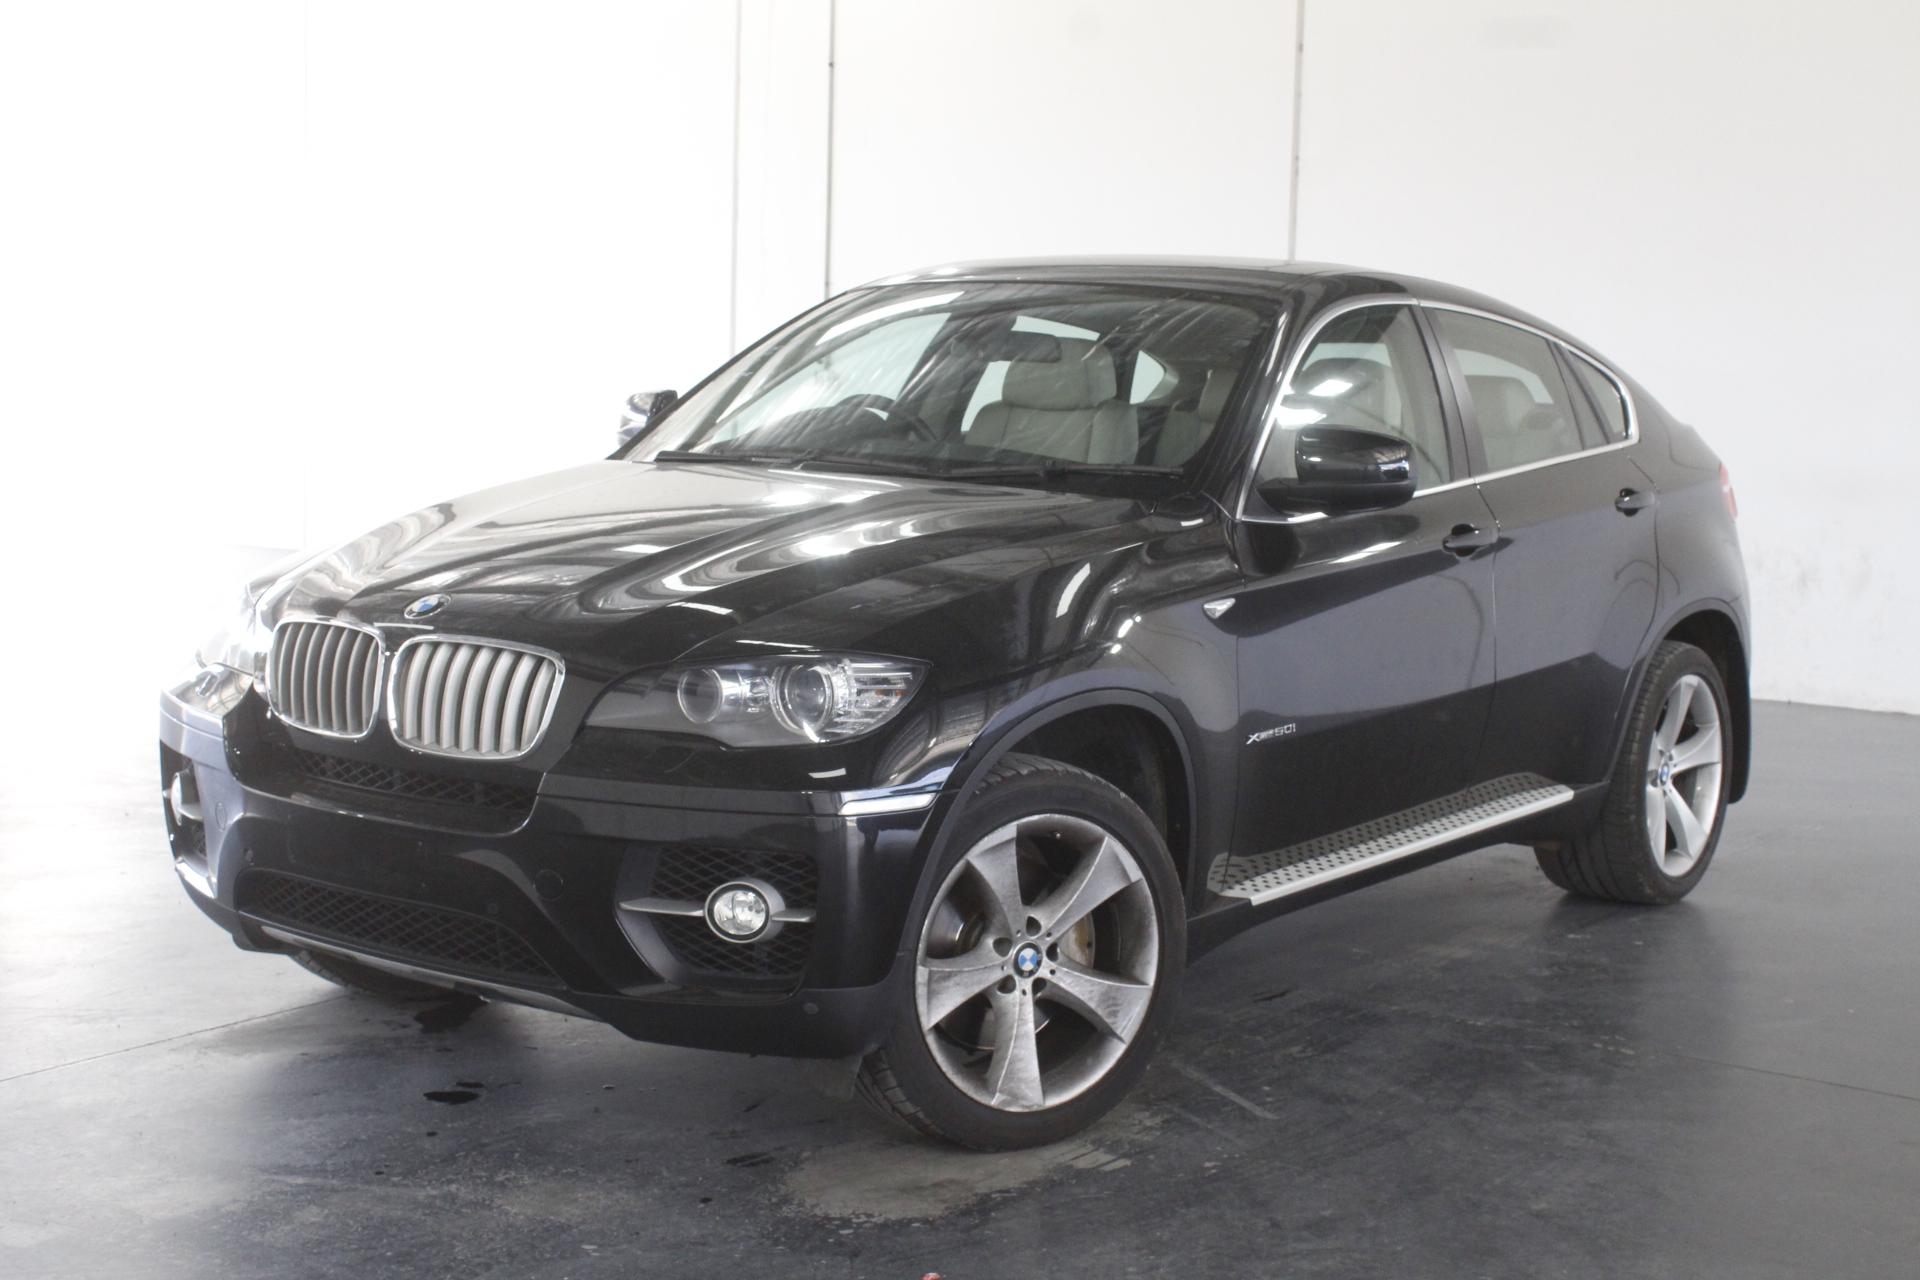 2009 BMW X6 xDrive 50i E71 LCI Automatic - 8 Speed Coupe